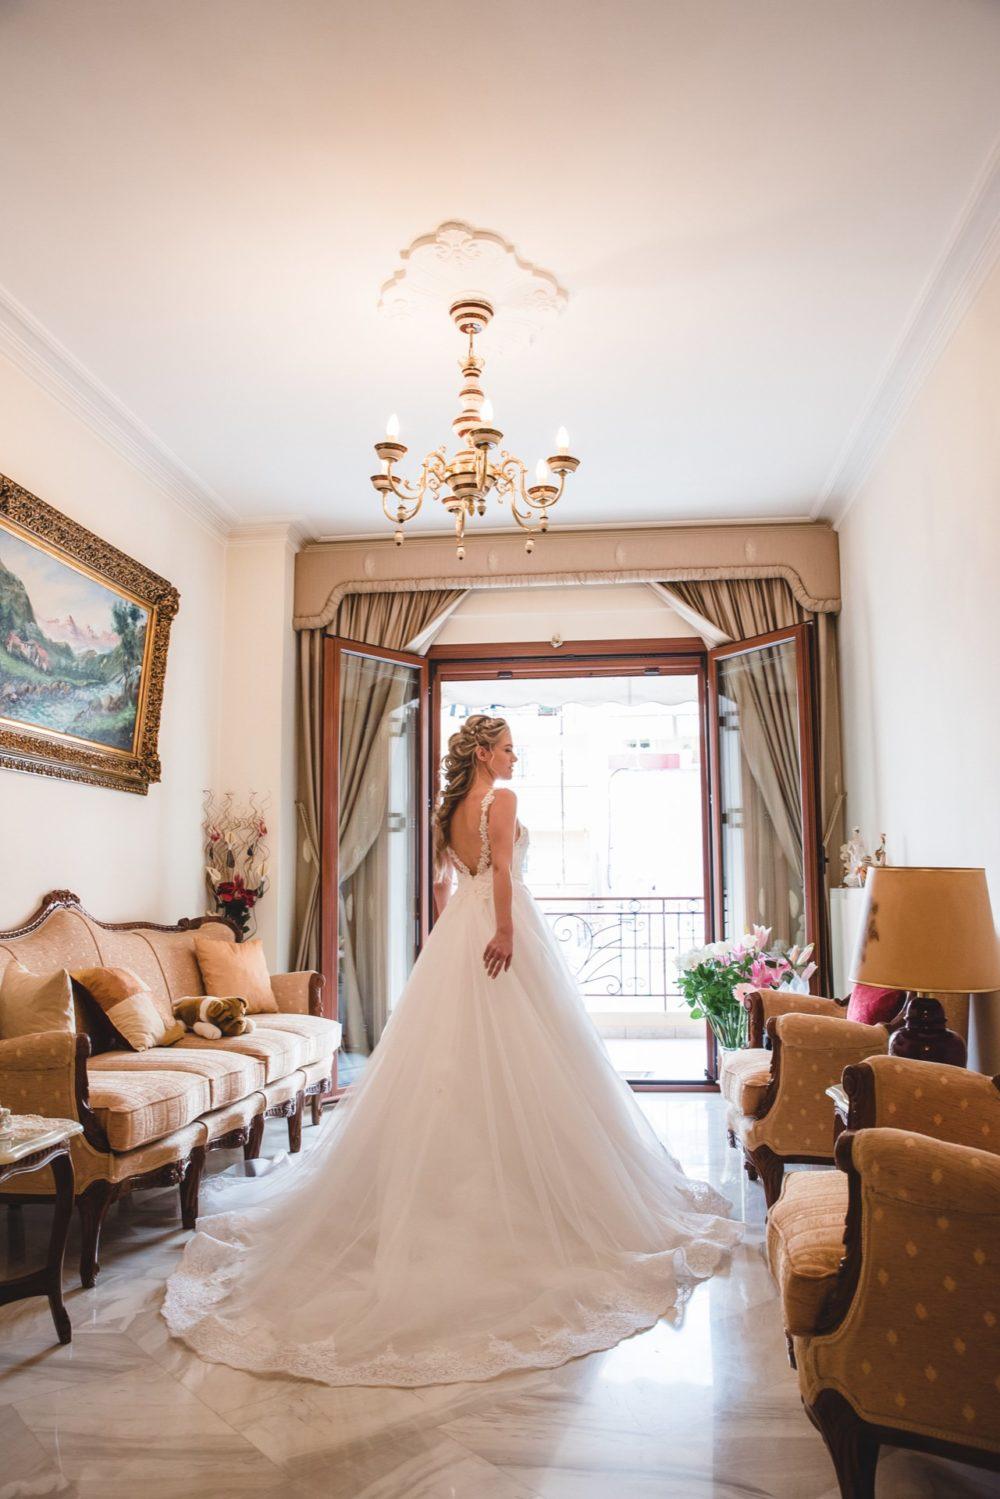 Fotografisi Gamou Wedding Gamos Fotografos Ilias & Dimitra029